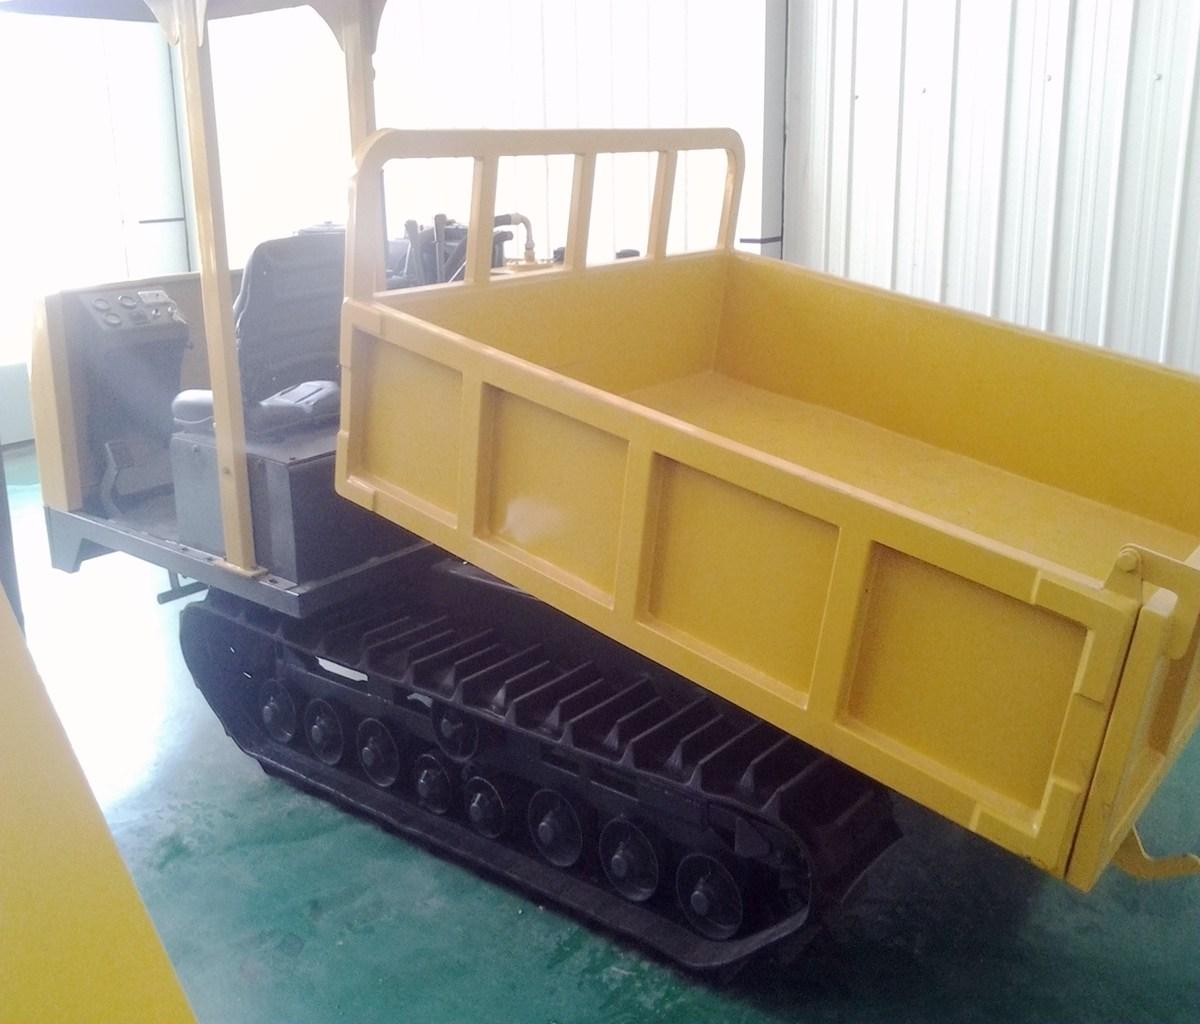 3 吨 橡胶履带运输车) (5).jpg